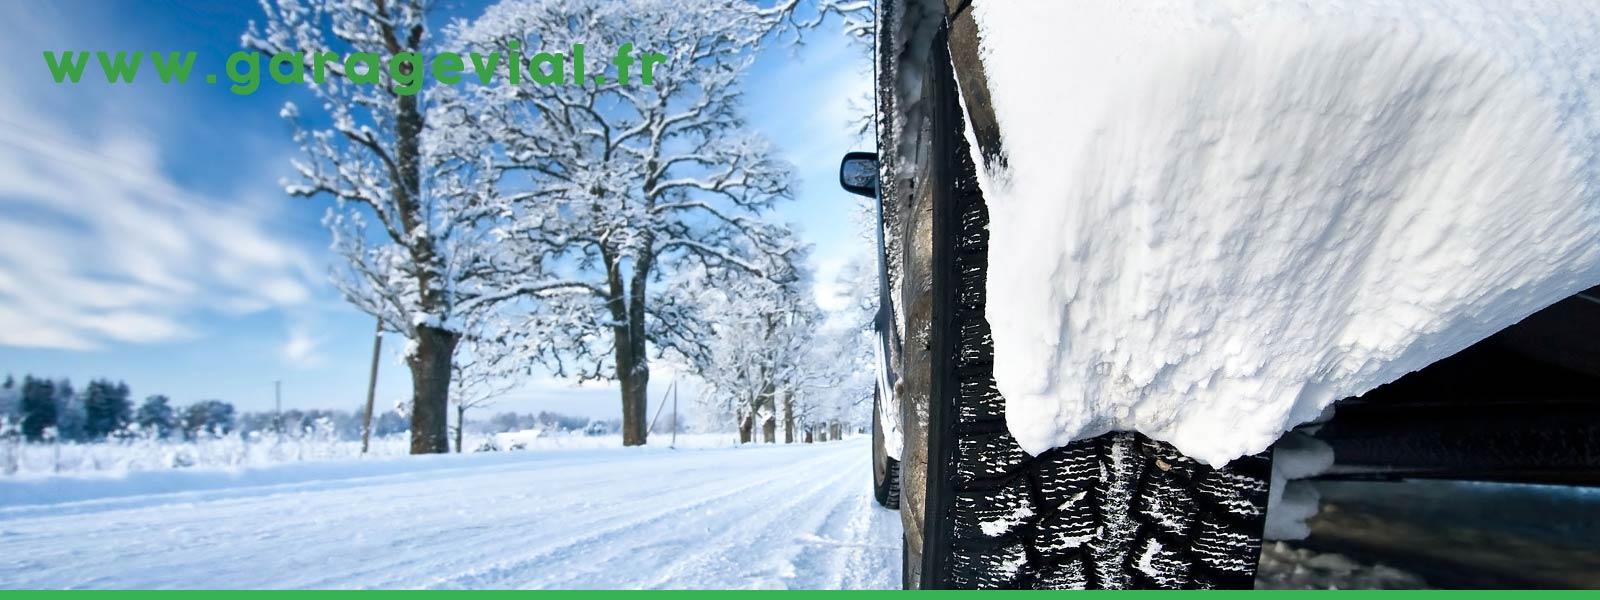 Entretien hivernal de votre véhicule utilitaire